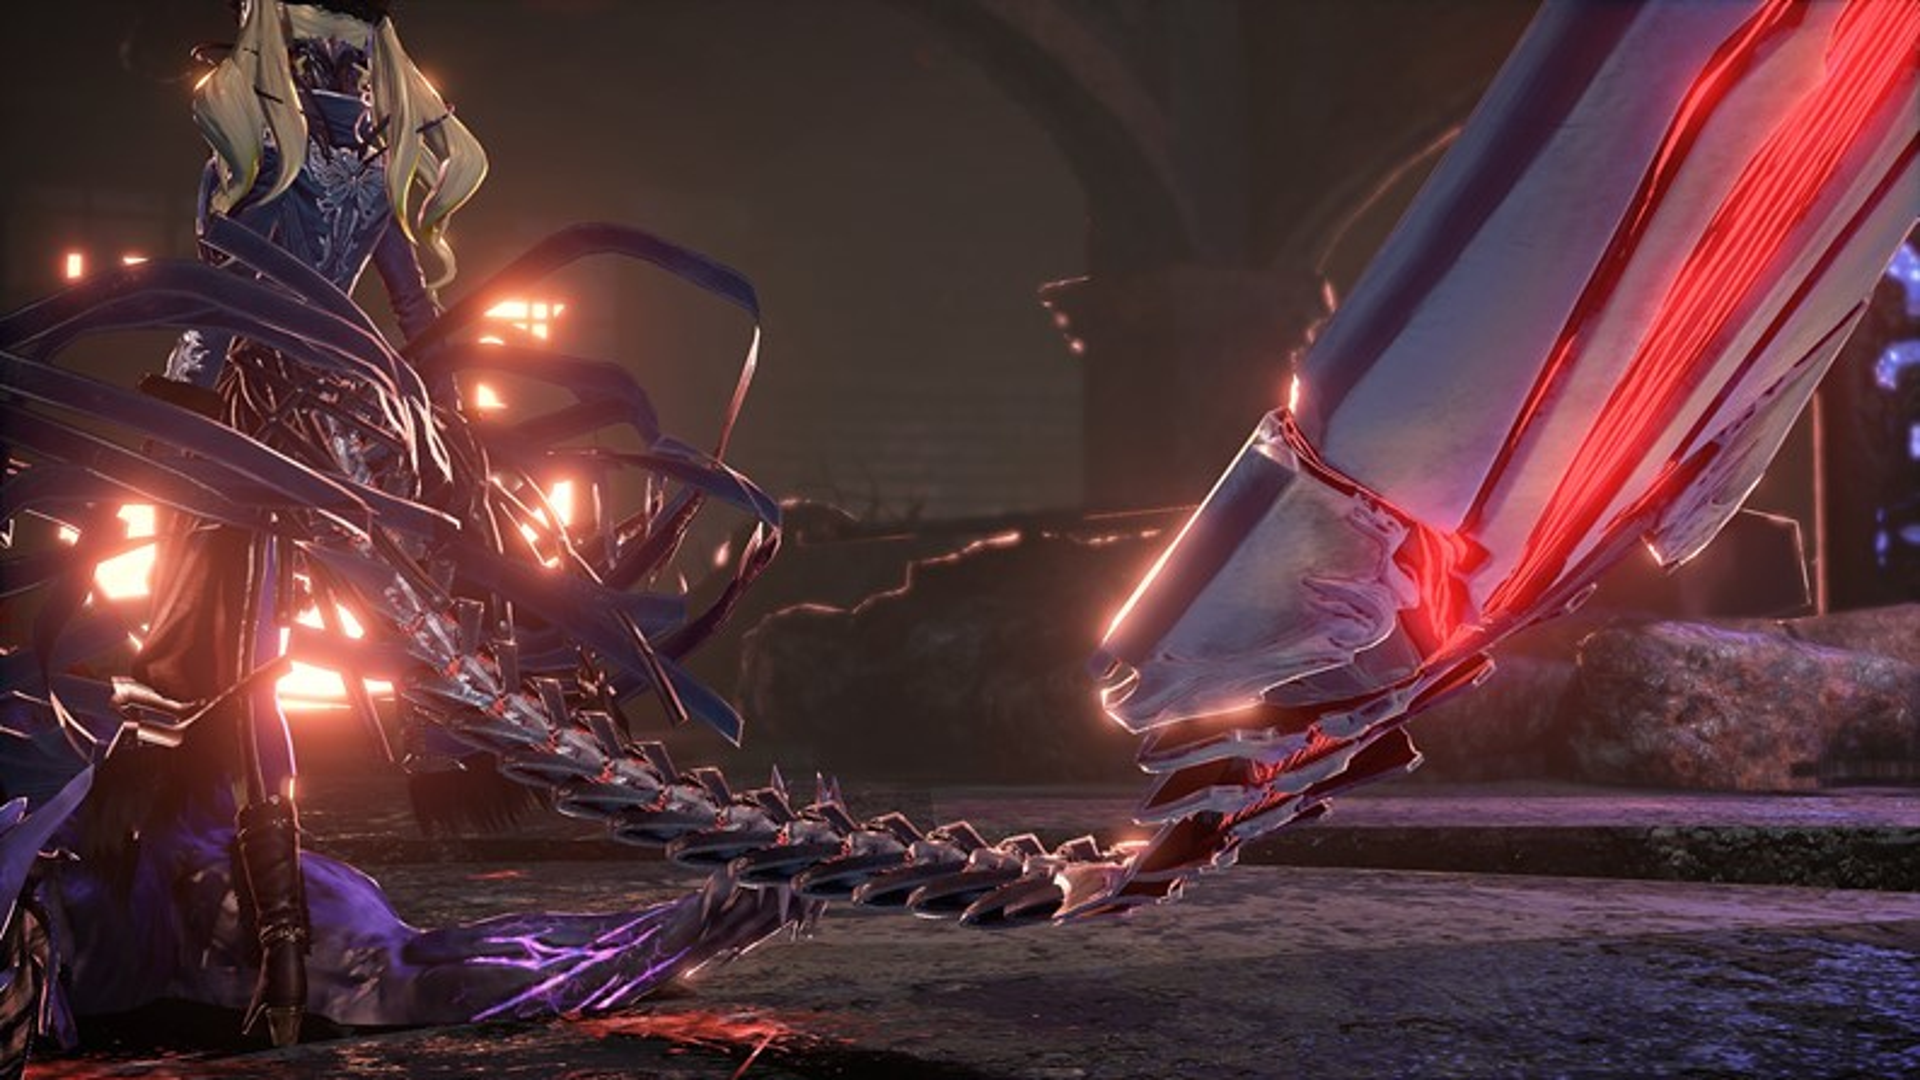 Code Vein enfim ganha seu primeiro trailer com elementos de gameplay